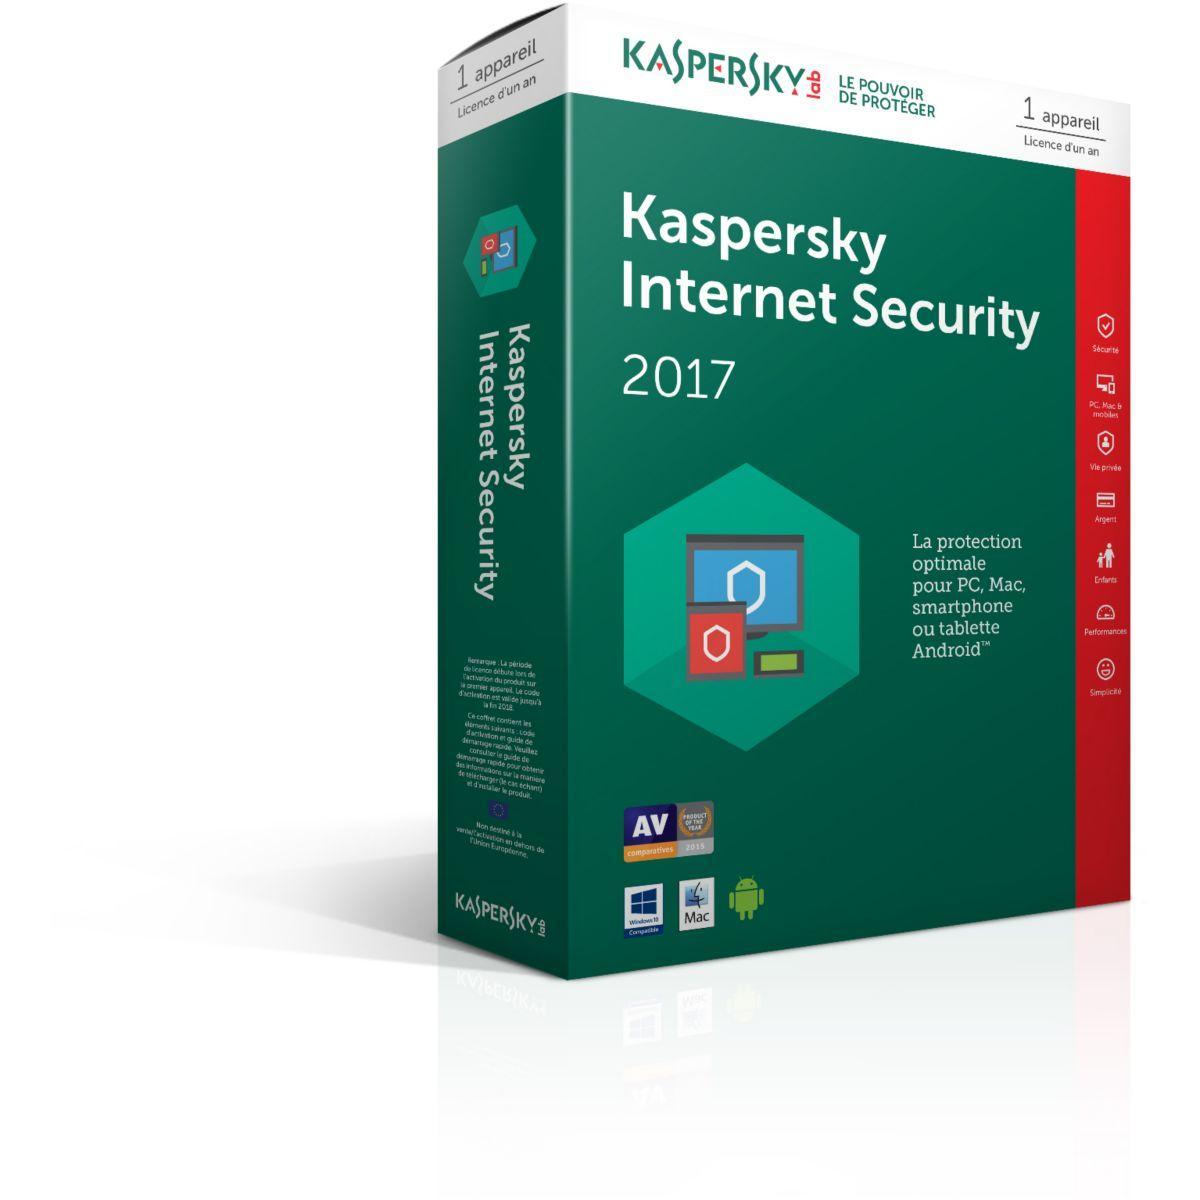 Logiciel antivirus pc kaspersky internet security 2017 1 poste / 1 an - 10% de remise immédiate avec le code : cash10 (photo)